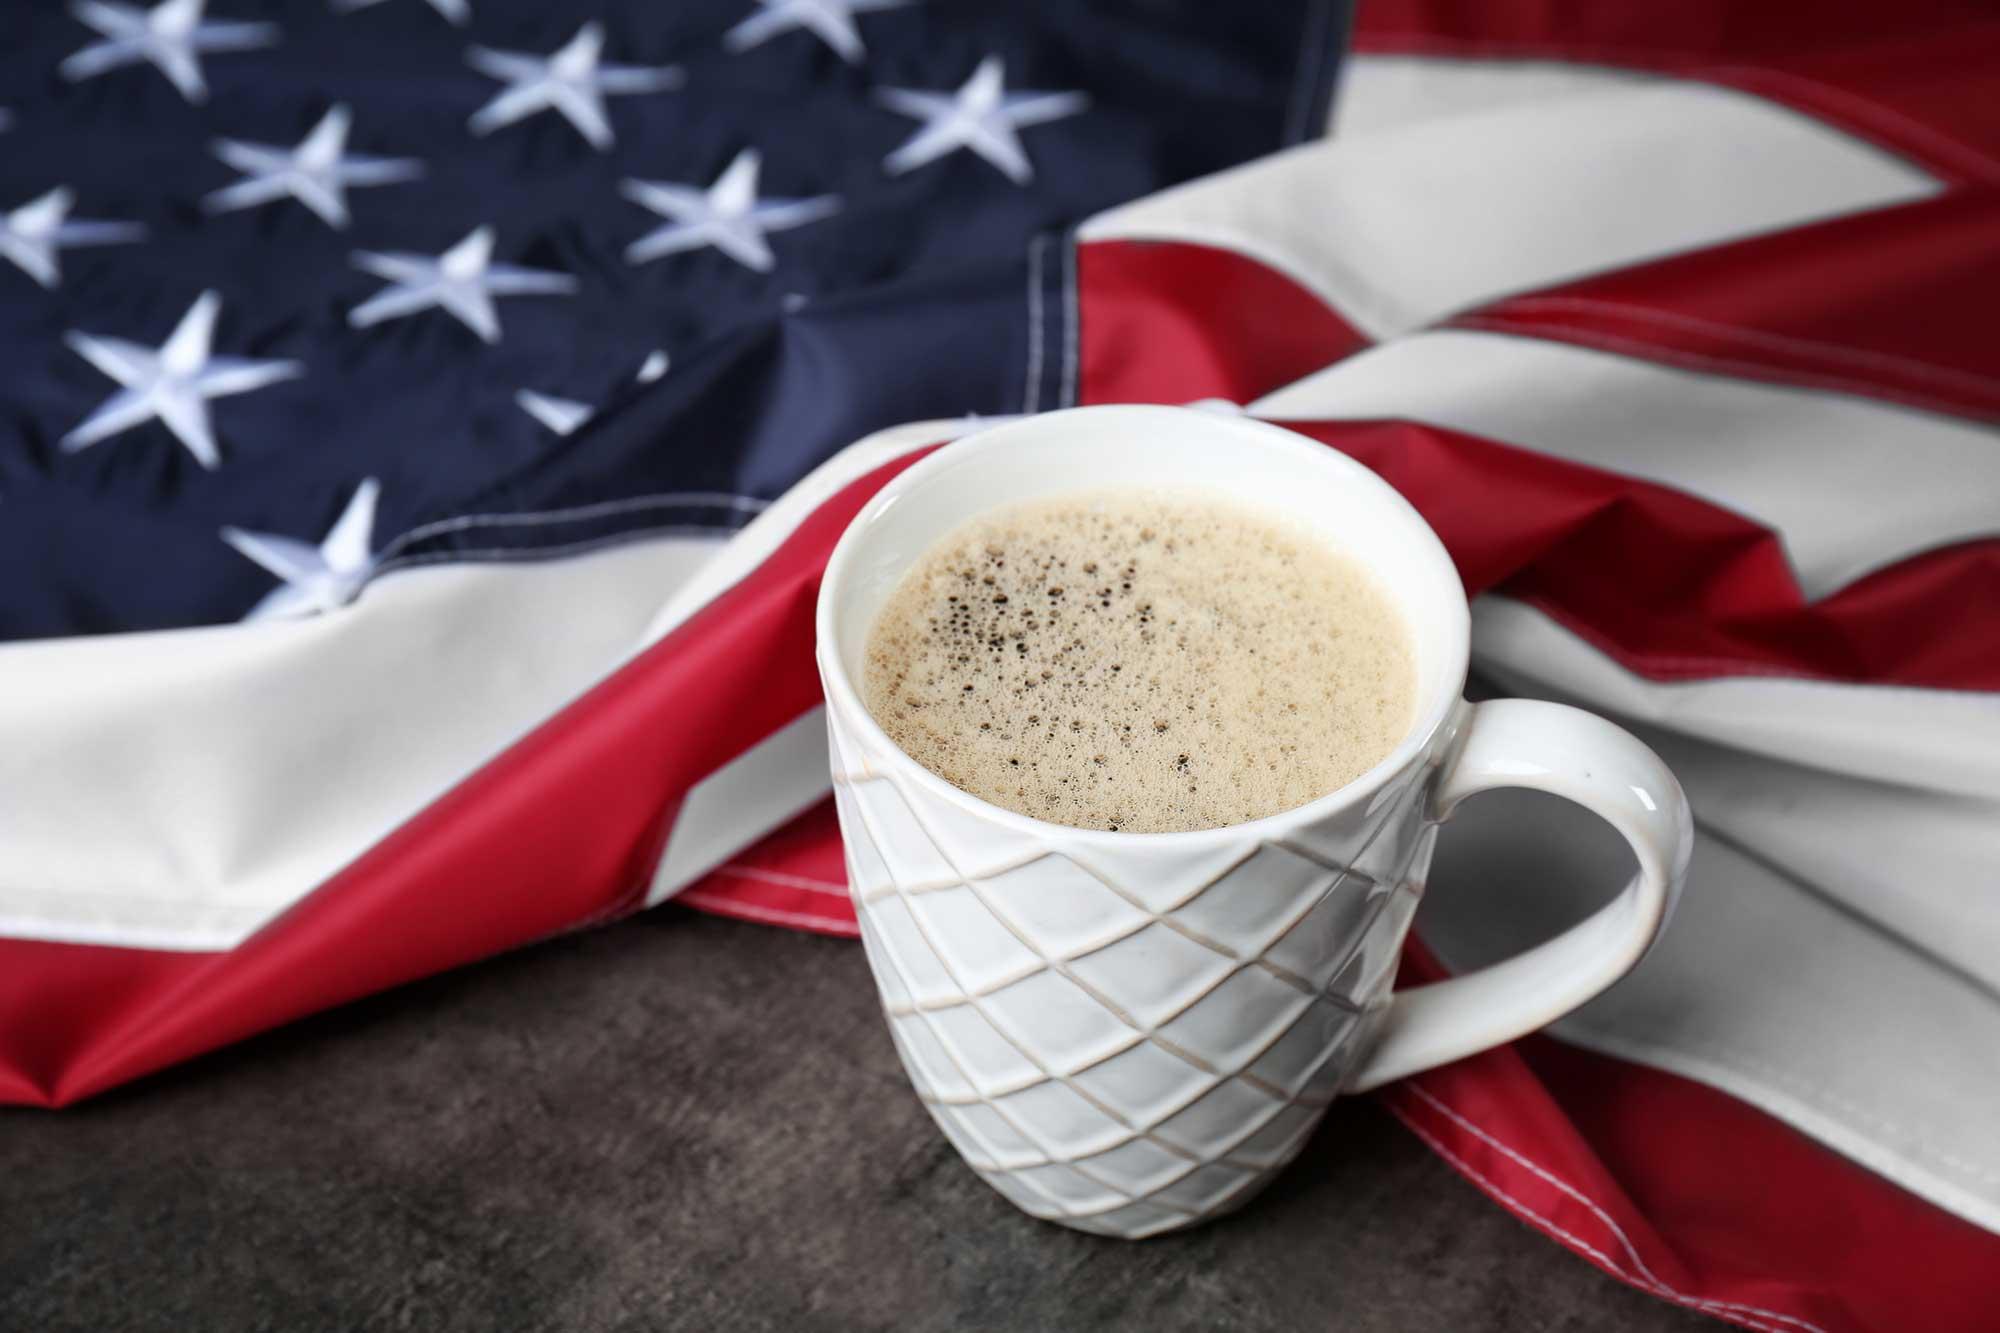 american coffee-н зурган илэрц